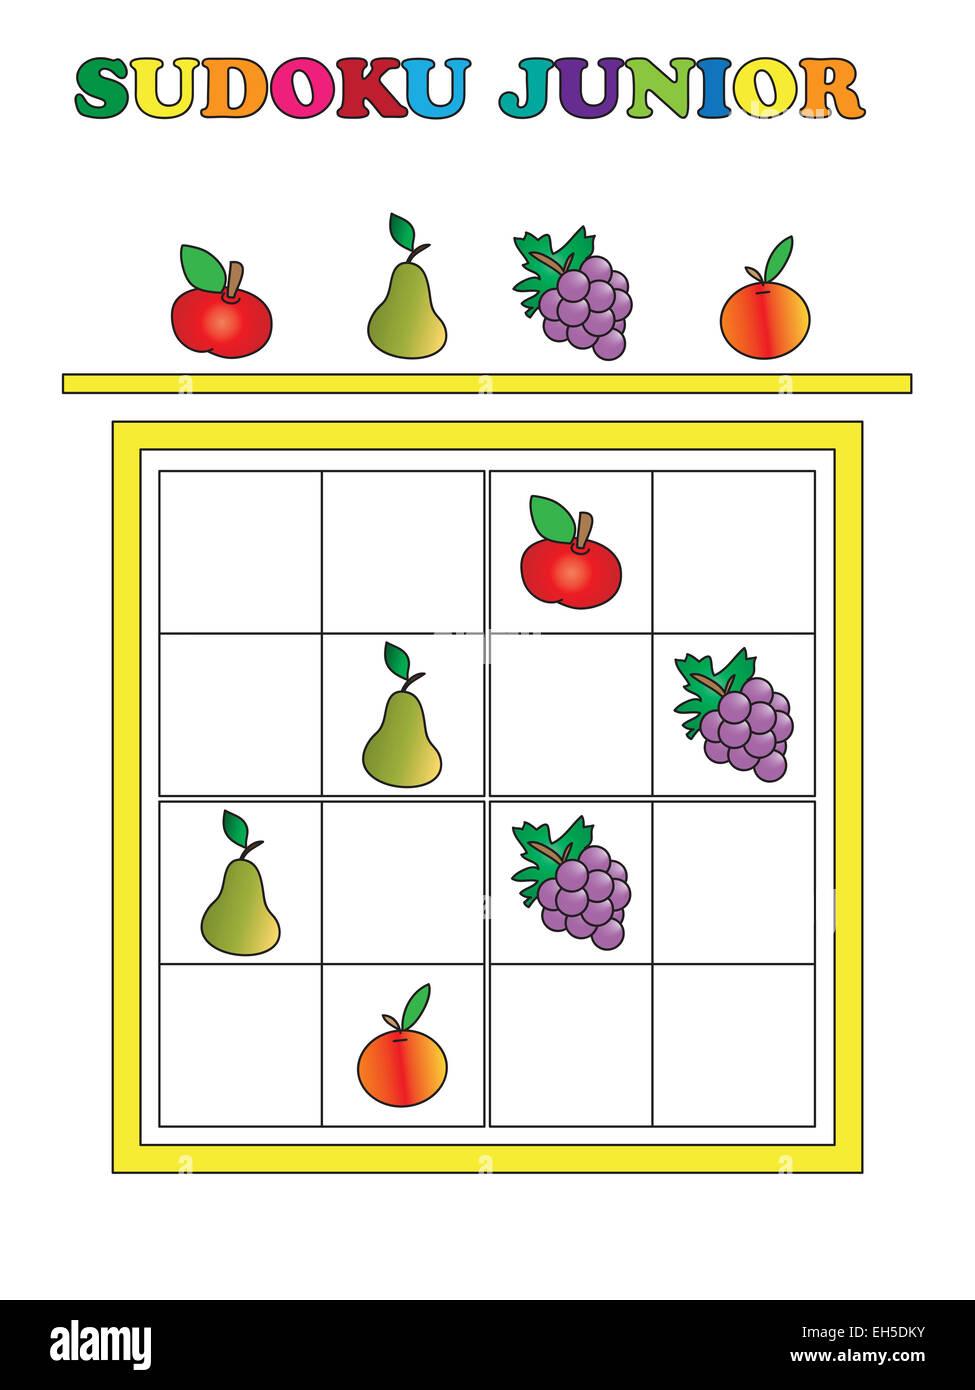 Gemütlich Sudoku Vorlagenwort Ideen - Beispiel Business Lebenslauf ...